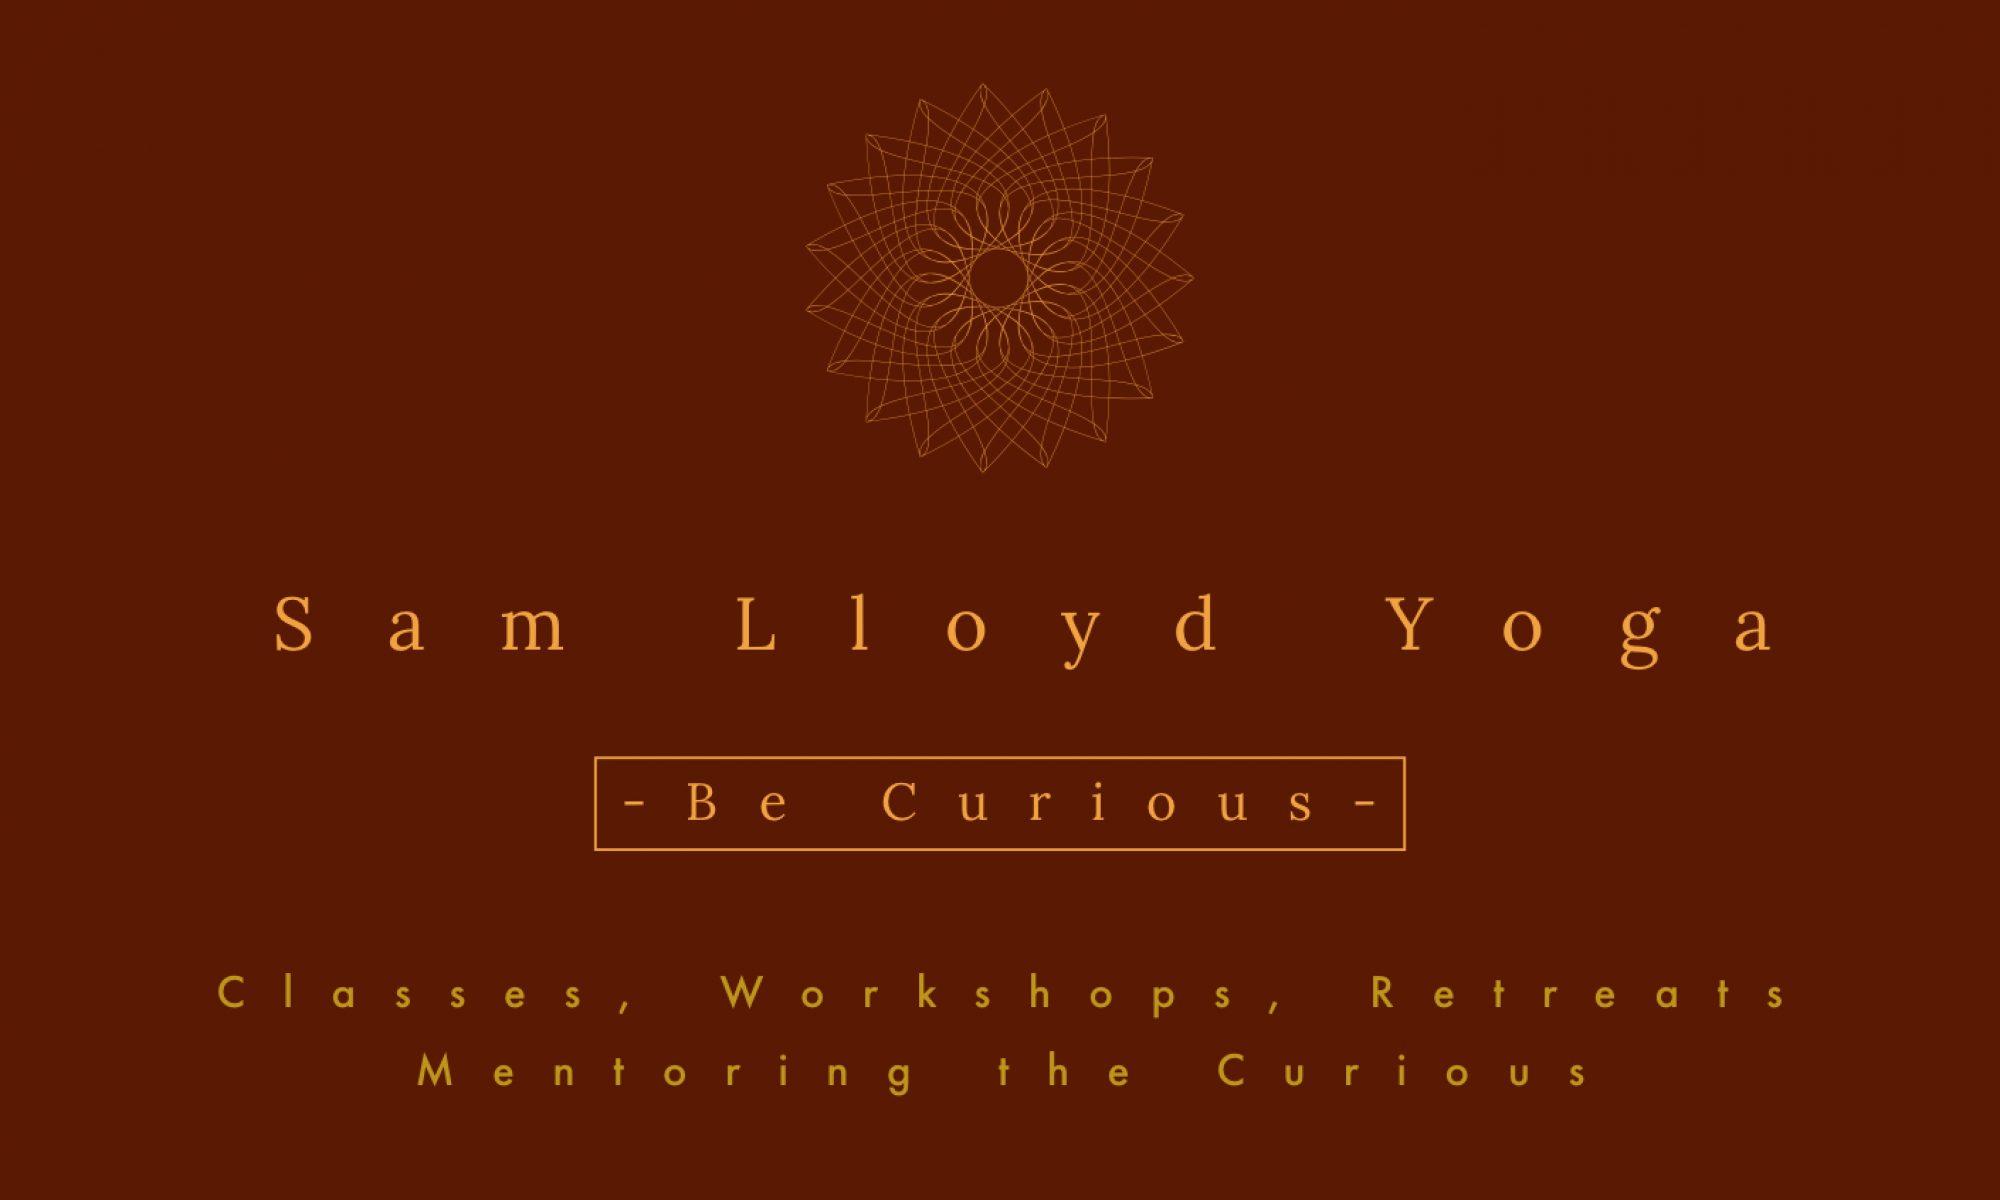 Sam Lloyd Yoga